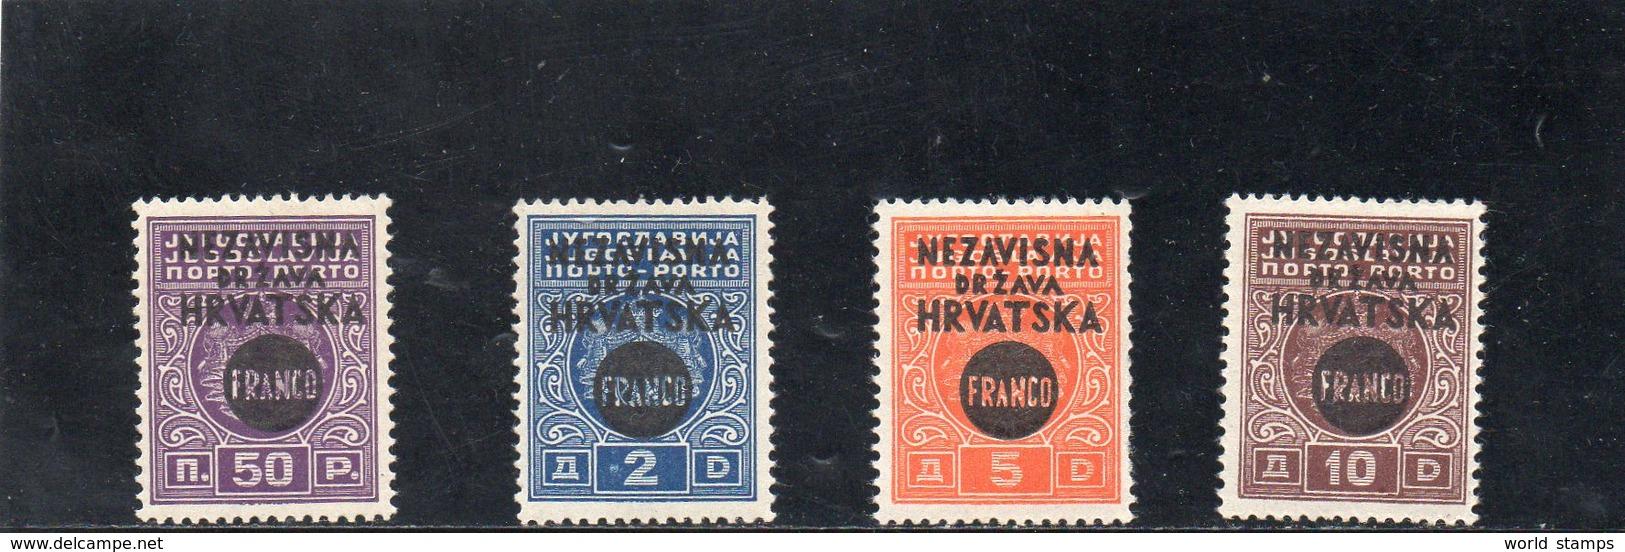 CROATIE 1941 ** - Croatia